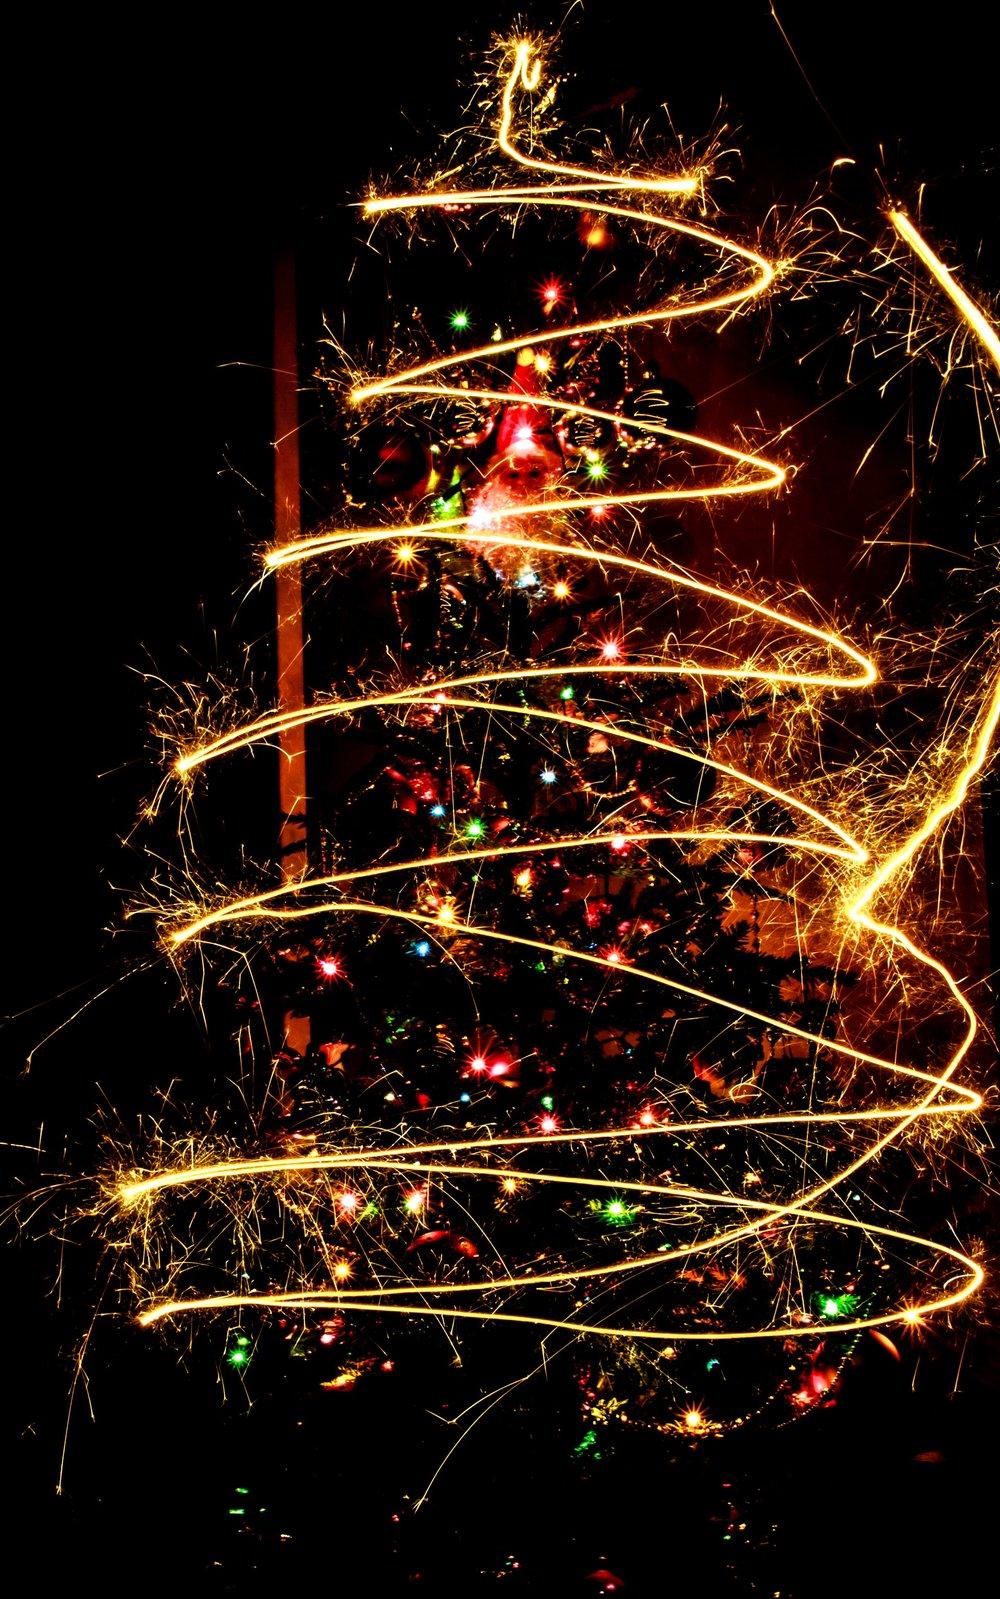 holiday-celebration-igniting-long-exposure-77122.jpeg